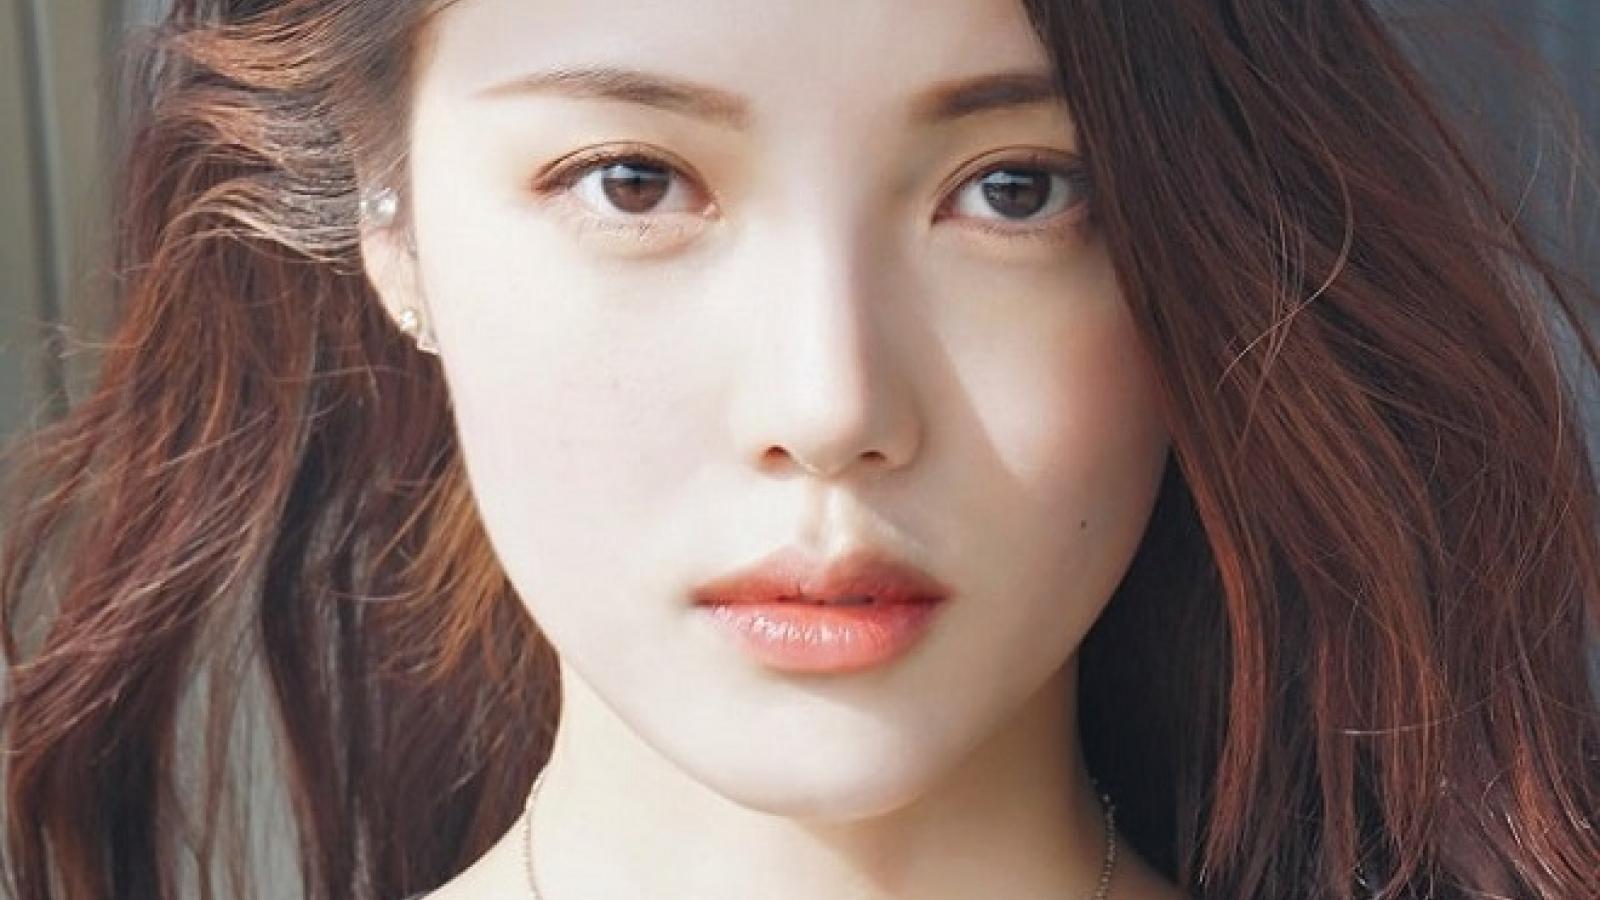 Những mẹo trang điểm đơn giản giúp gương mặt bạn bừng sáng hơn